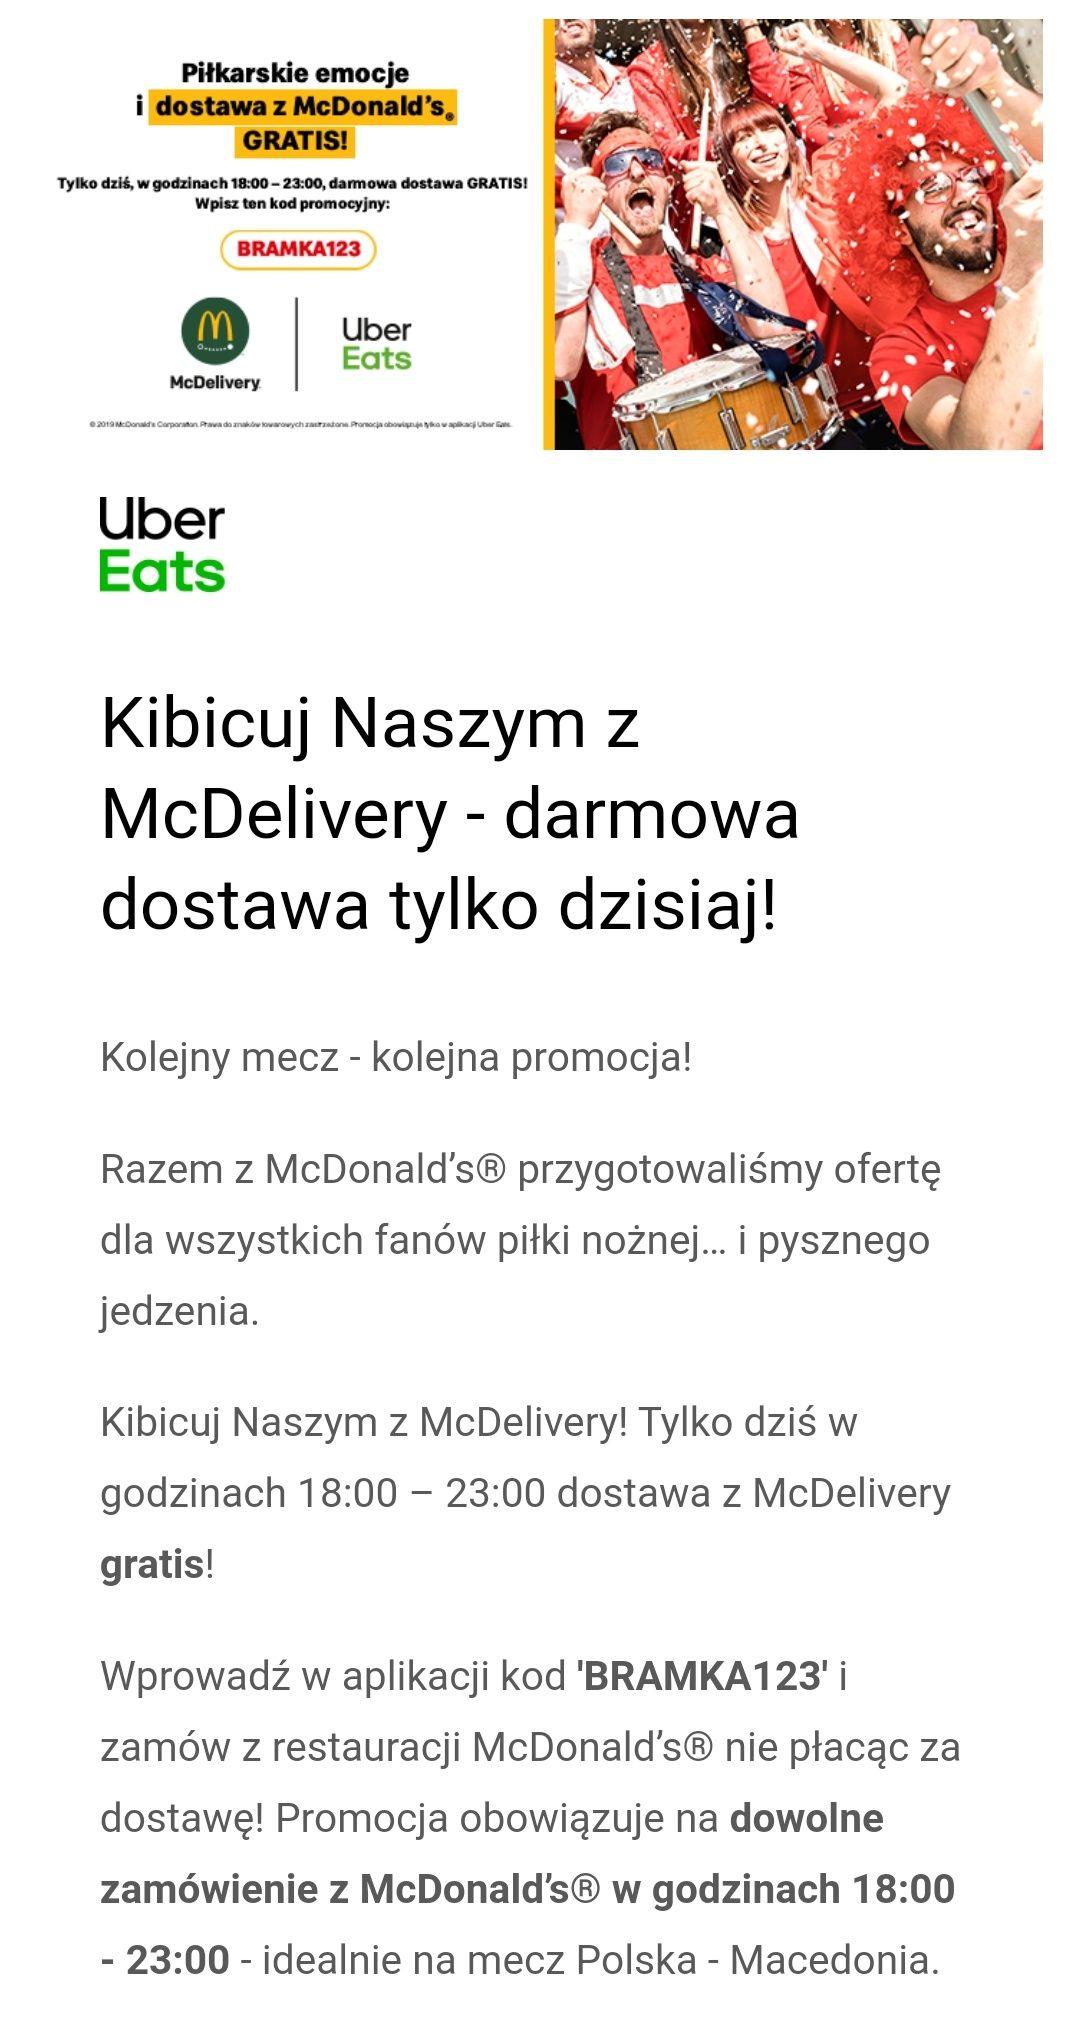 Darmowa dostawa z McDonald's w Uber Eats tylko dzisiaj